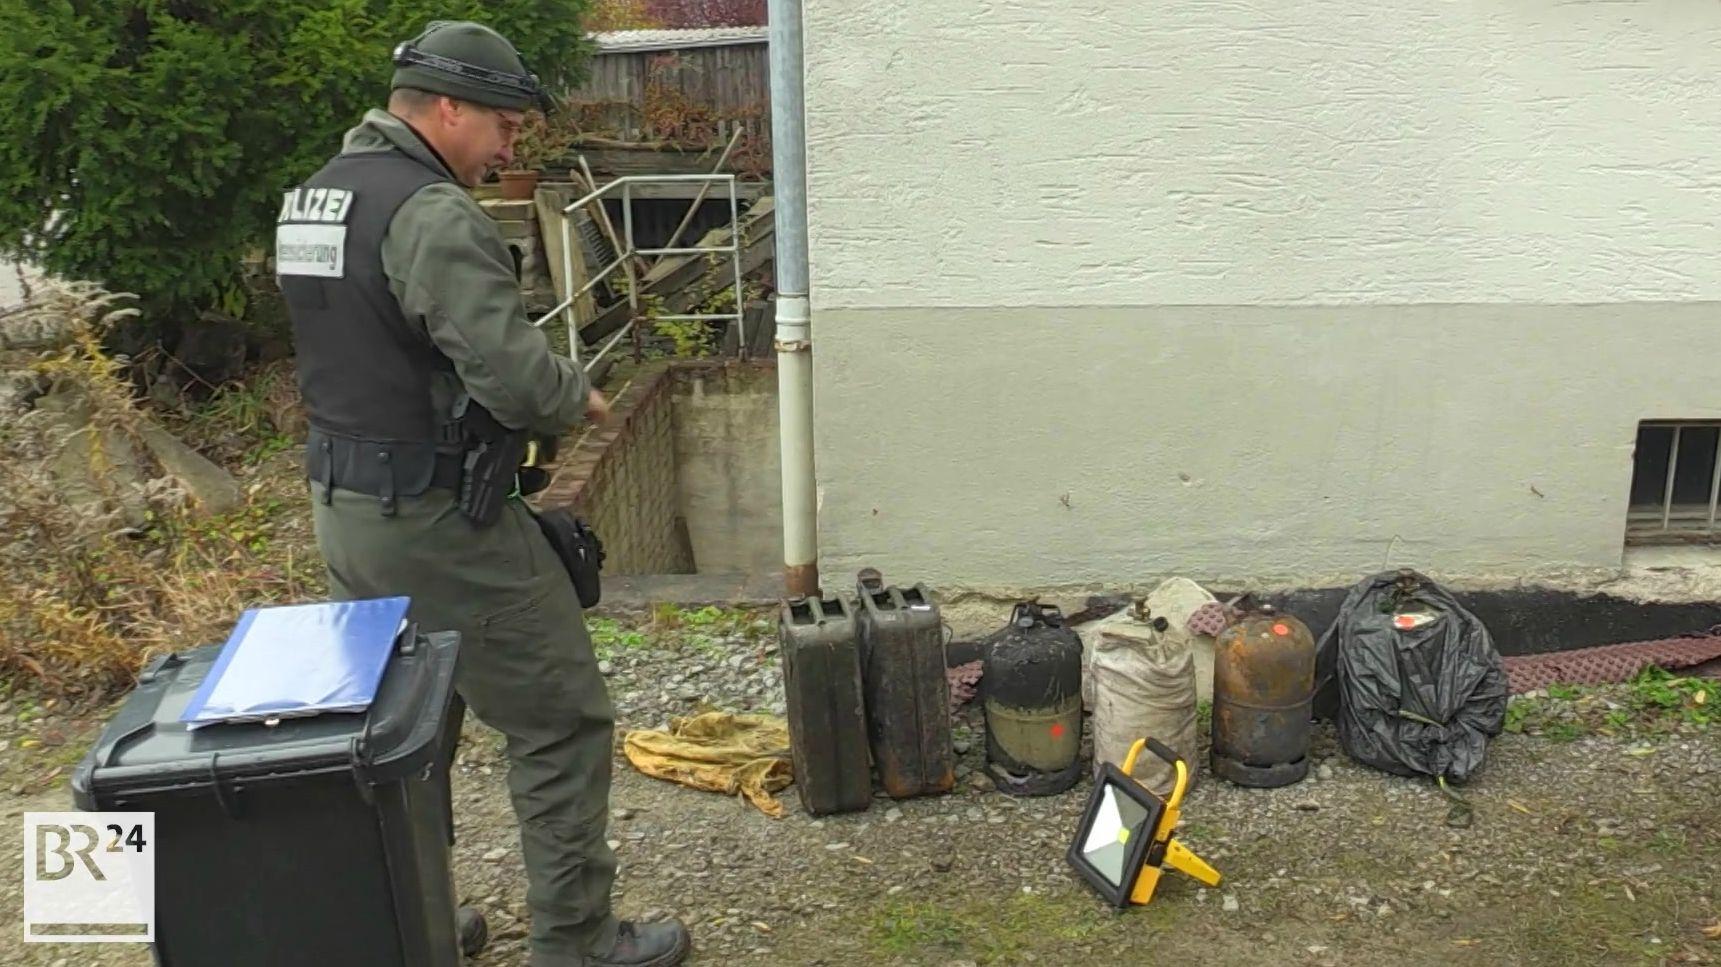 Polizist mit sichergestellten Gegenständen